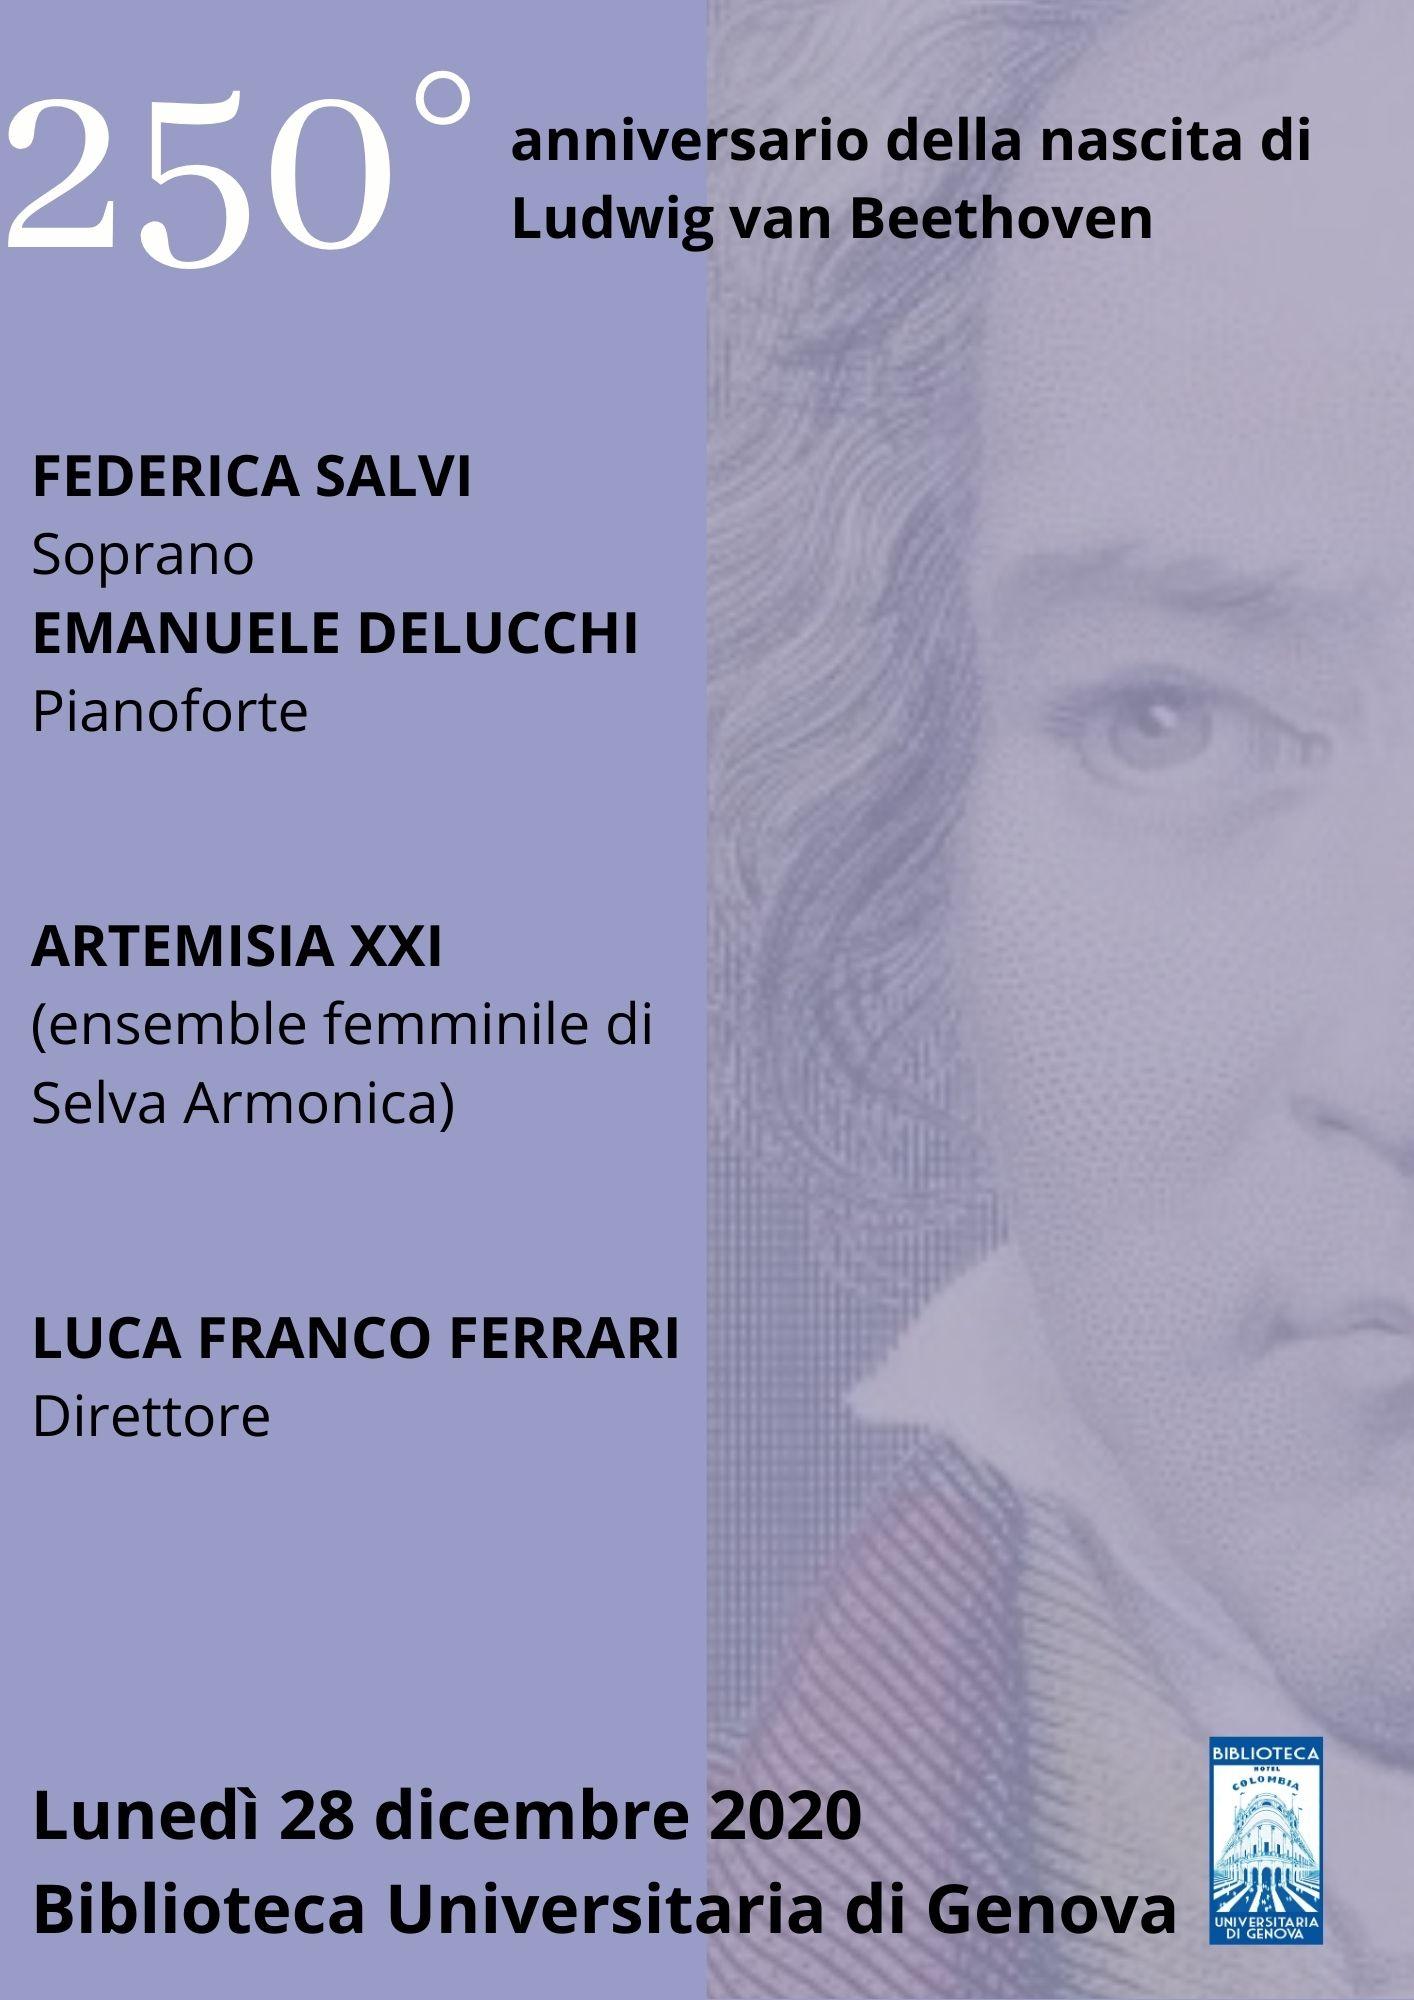 250° anniversario della nascita di Ludwig van Beethoven- concerto